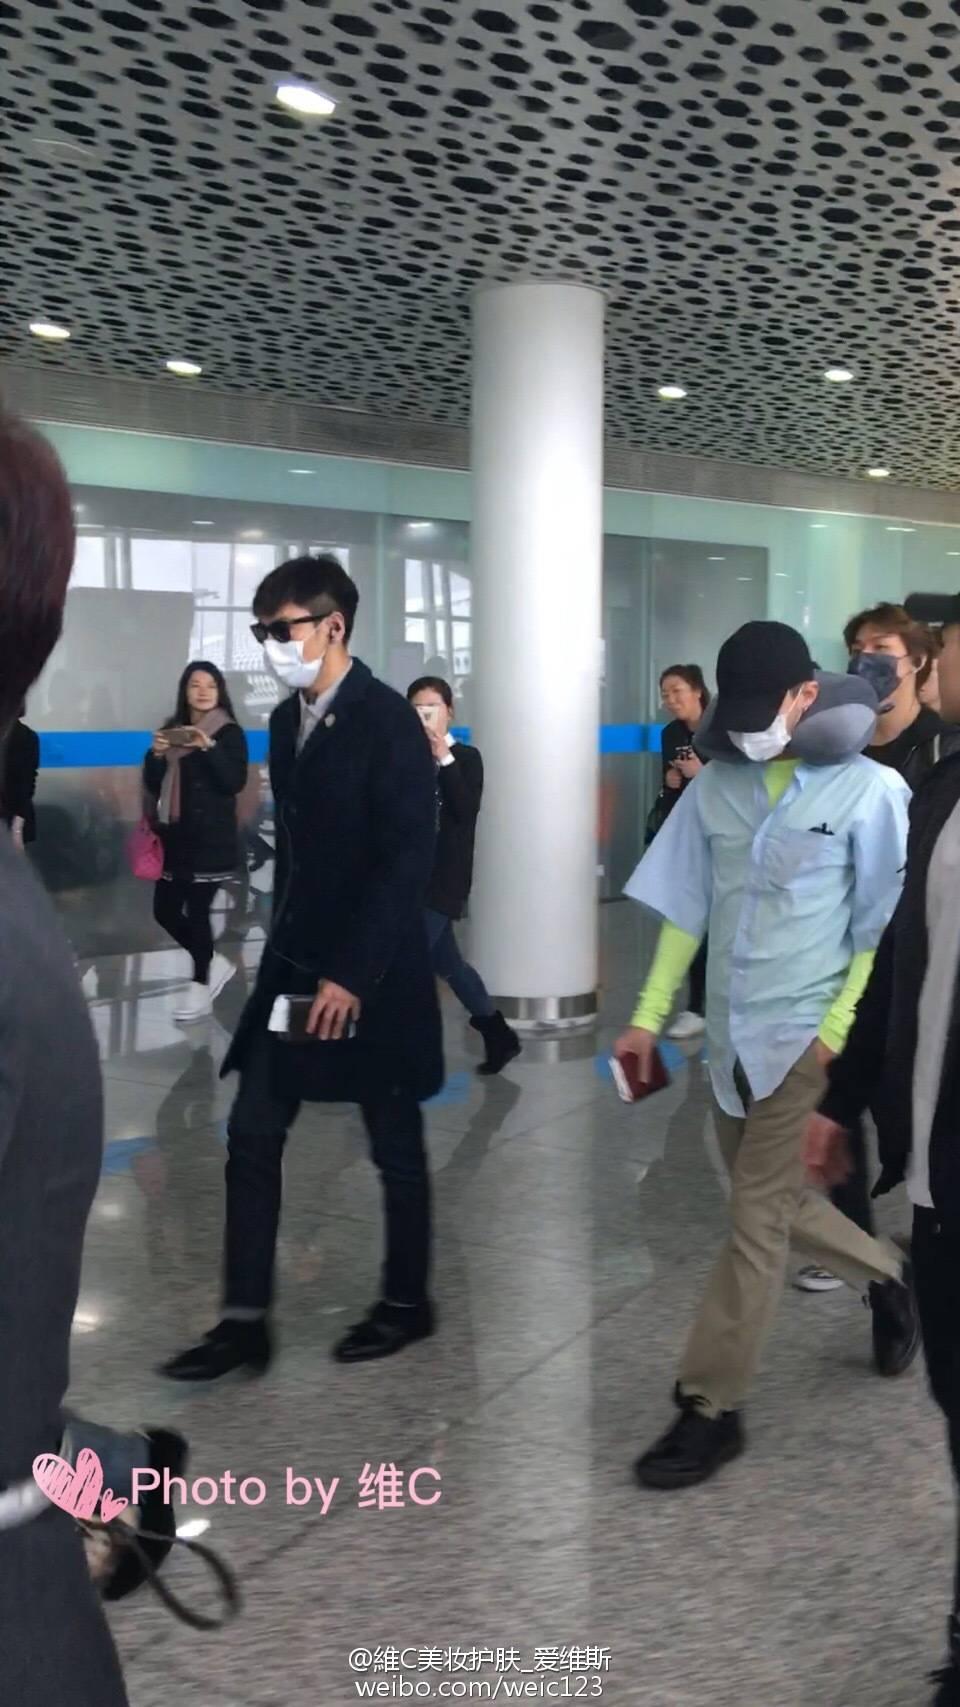 Shenzhen Airport 2016-03-14 (5)